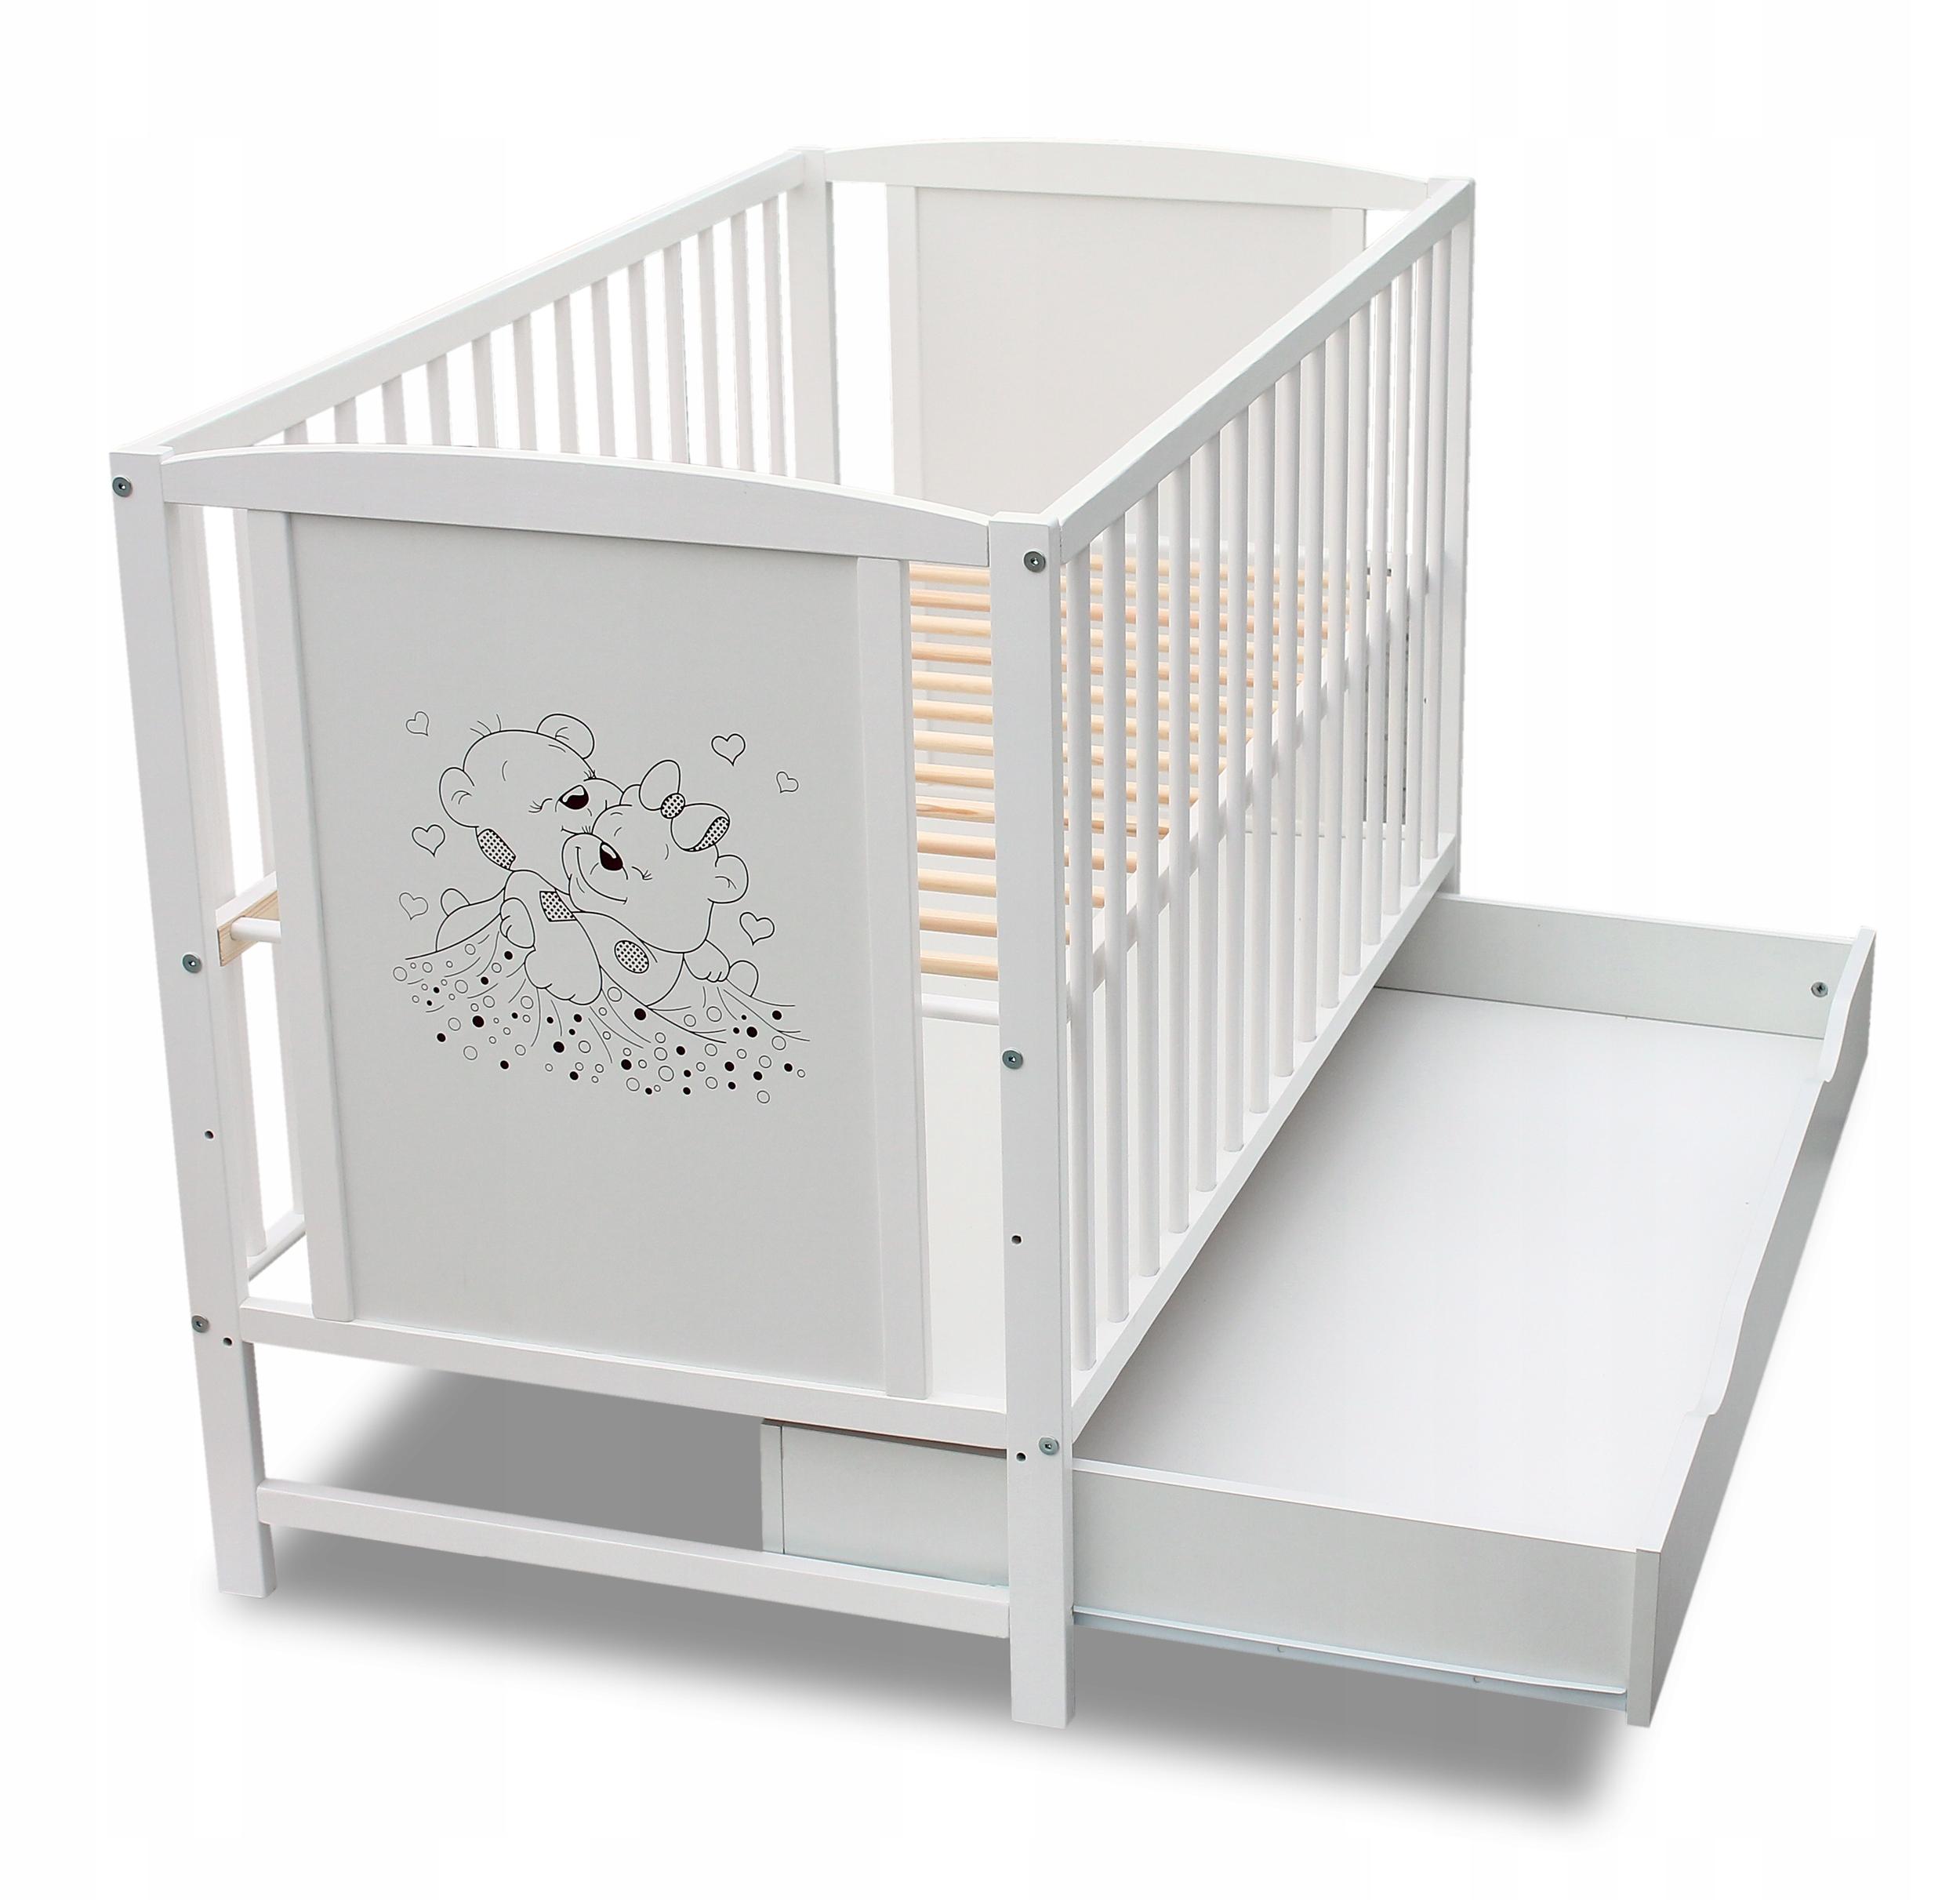 кроватка деревянная с ящиком сказка белая 120x60 купить с доставкой из польши с Allegro на Fastbox 7596973503